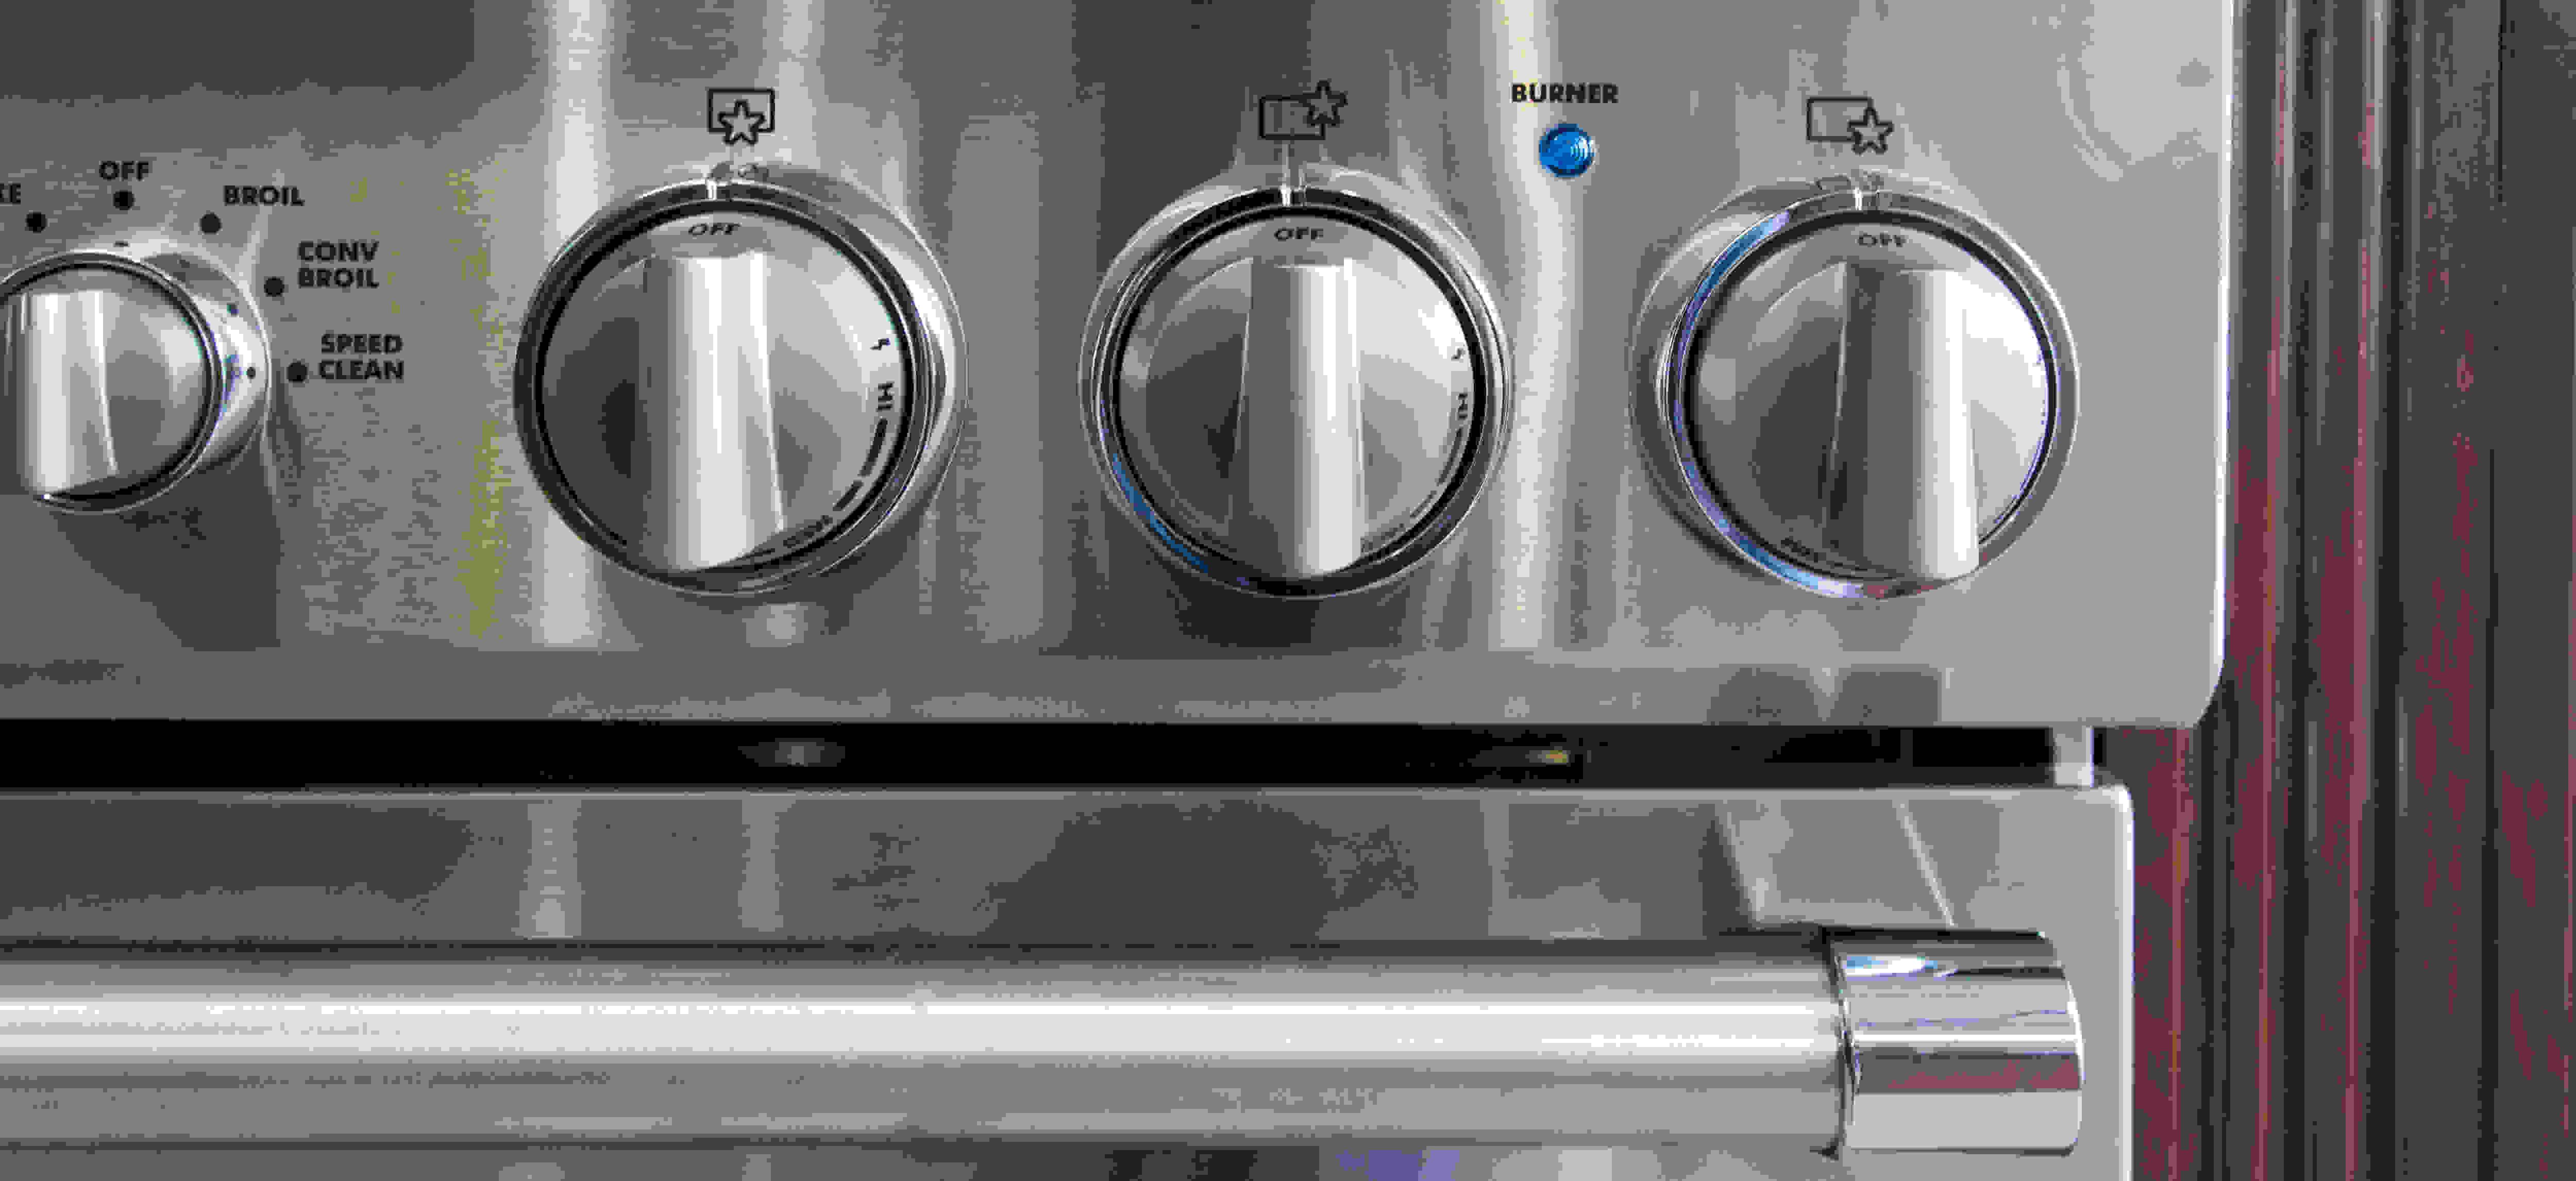 Burner knobs